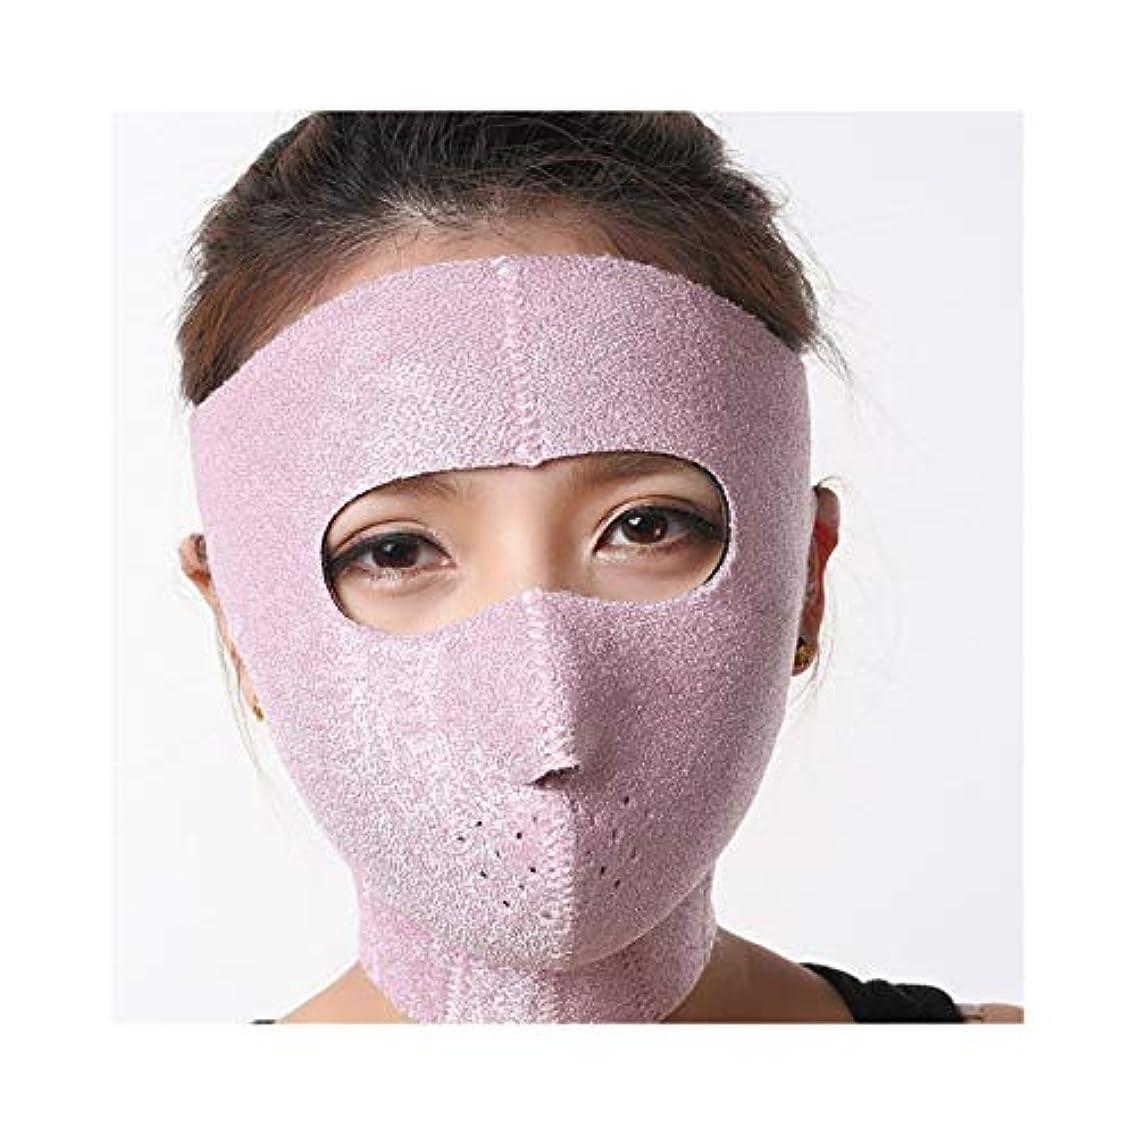 階下嫌い詩人GLJJQMY スリムベルトマスク薄い顔マスク睡眠薄い顔マスク薄い顔包帯薄い顔アーティファクト薄い顔薄い顔薄い顔小さいV顔睡眠薄い顔ベルト 顔用整形マスク